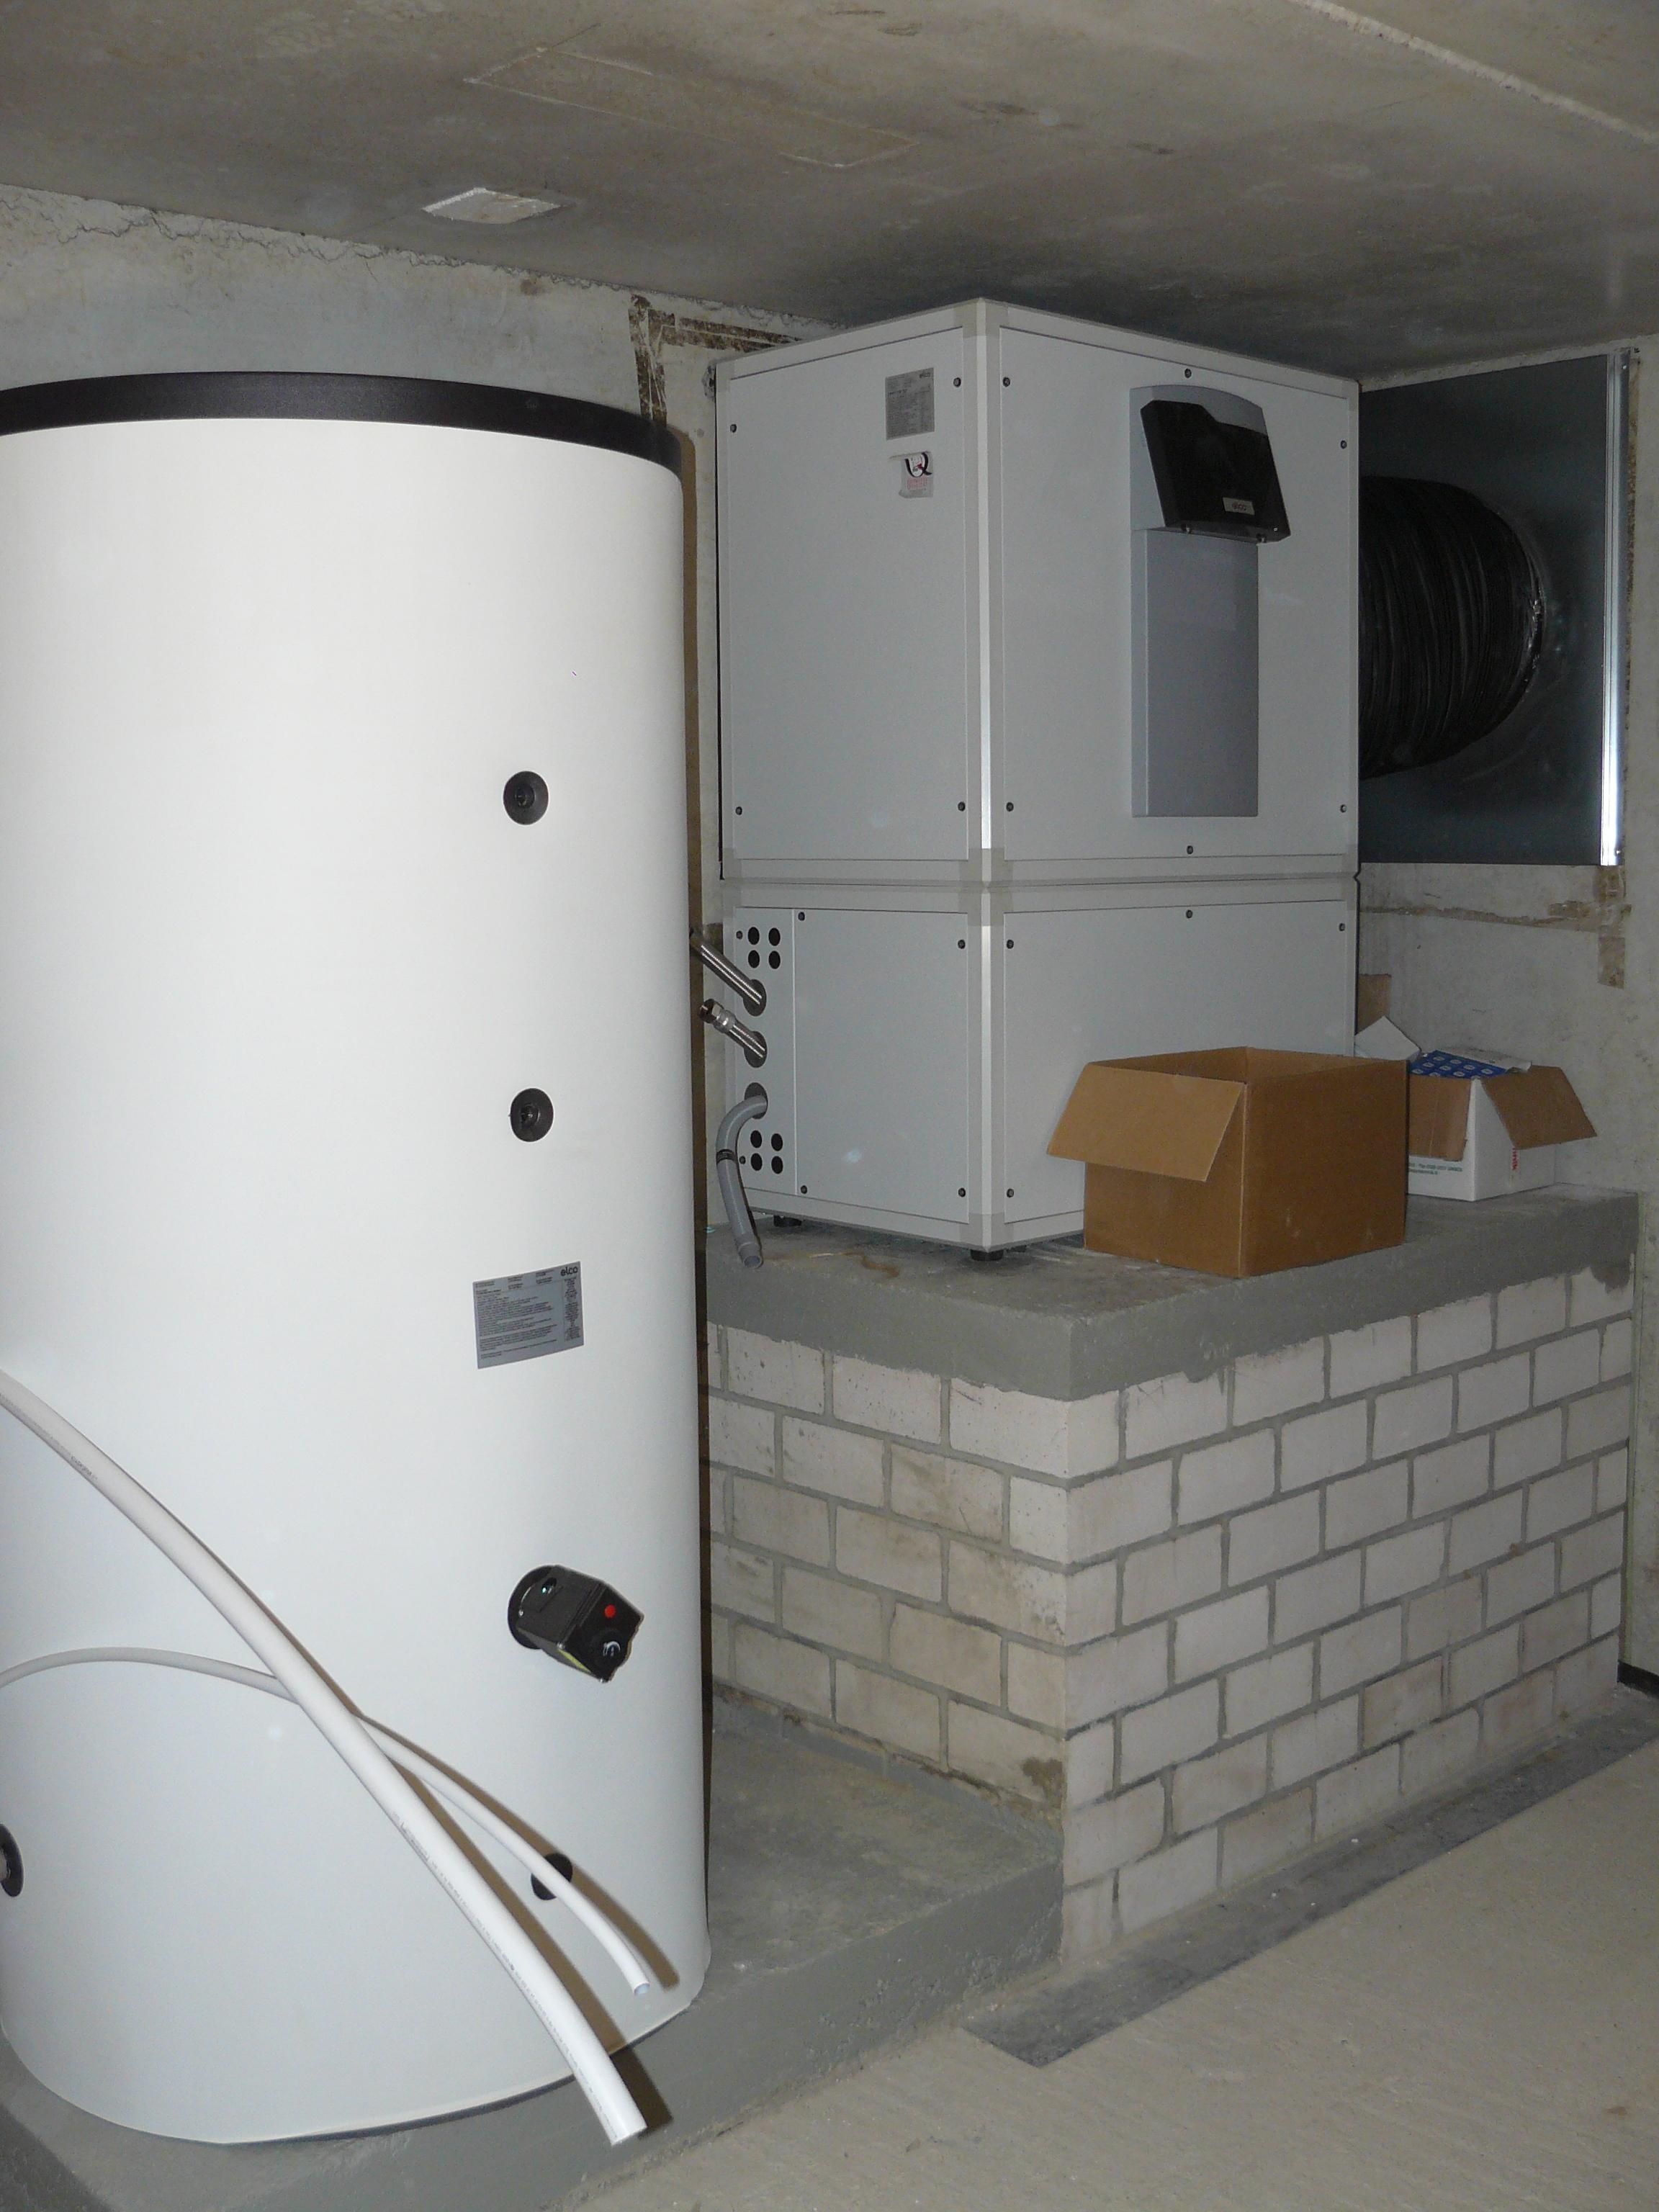 Warmwasserspeicher und Luftwärmepumpe